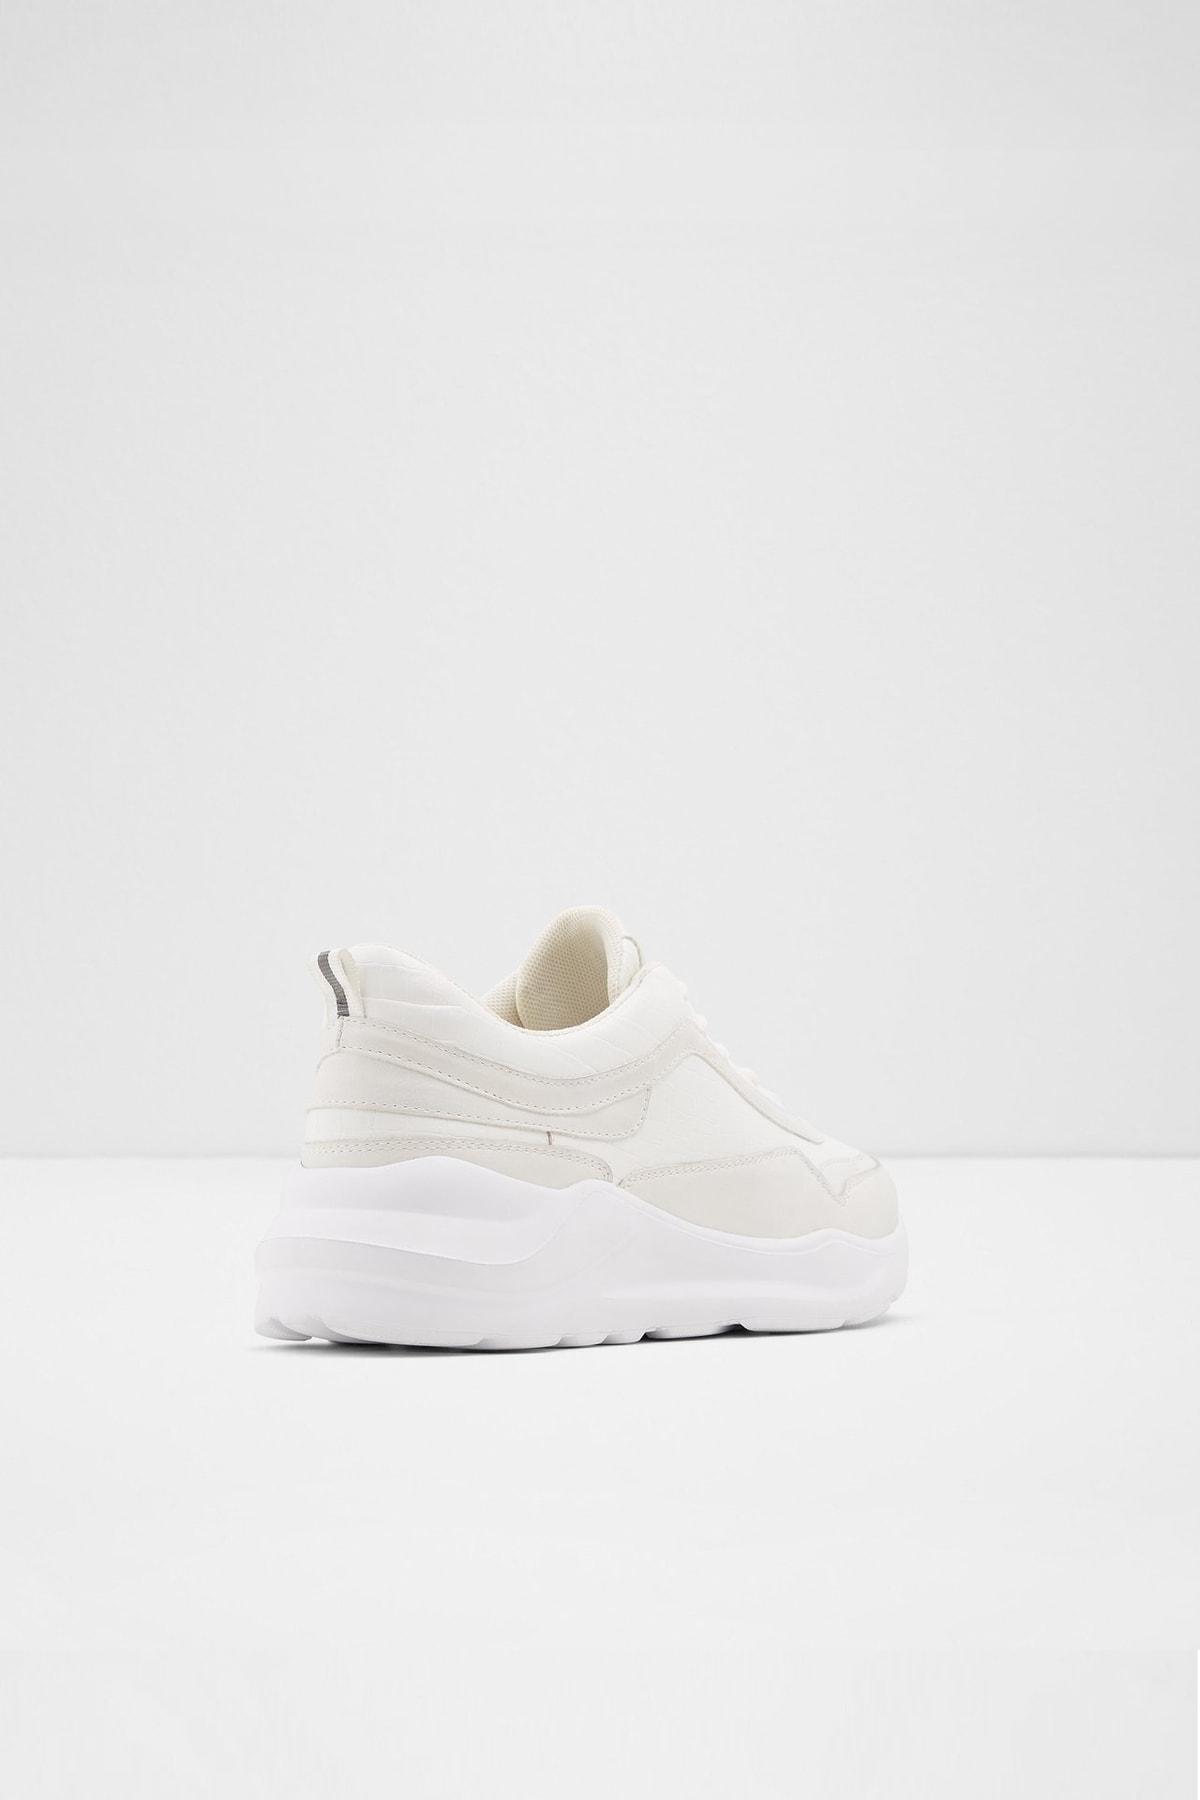 Aldo Kadın Beyaz Bağcıklı Sneaker 2